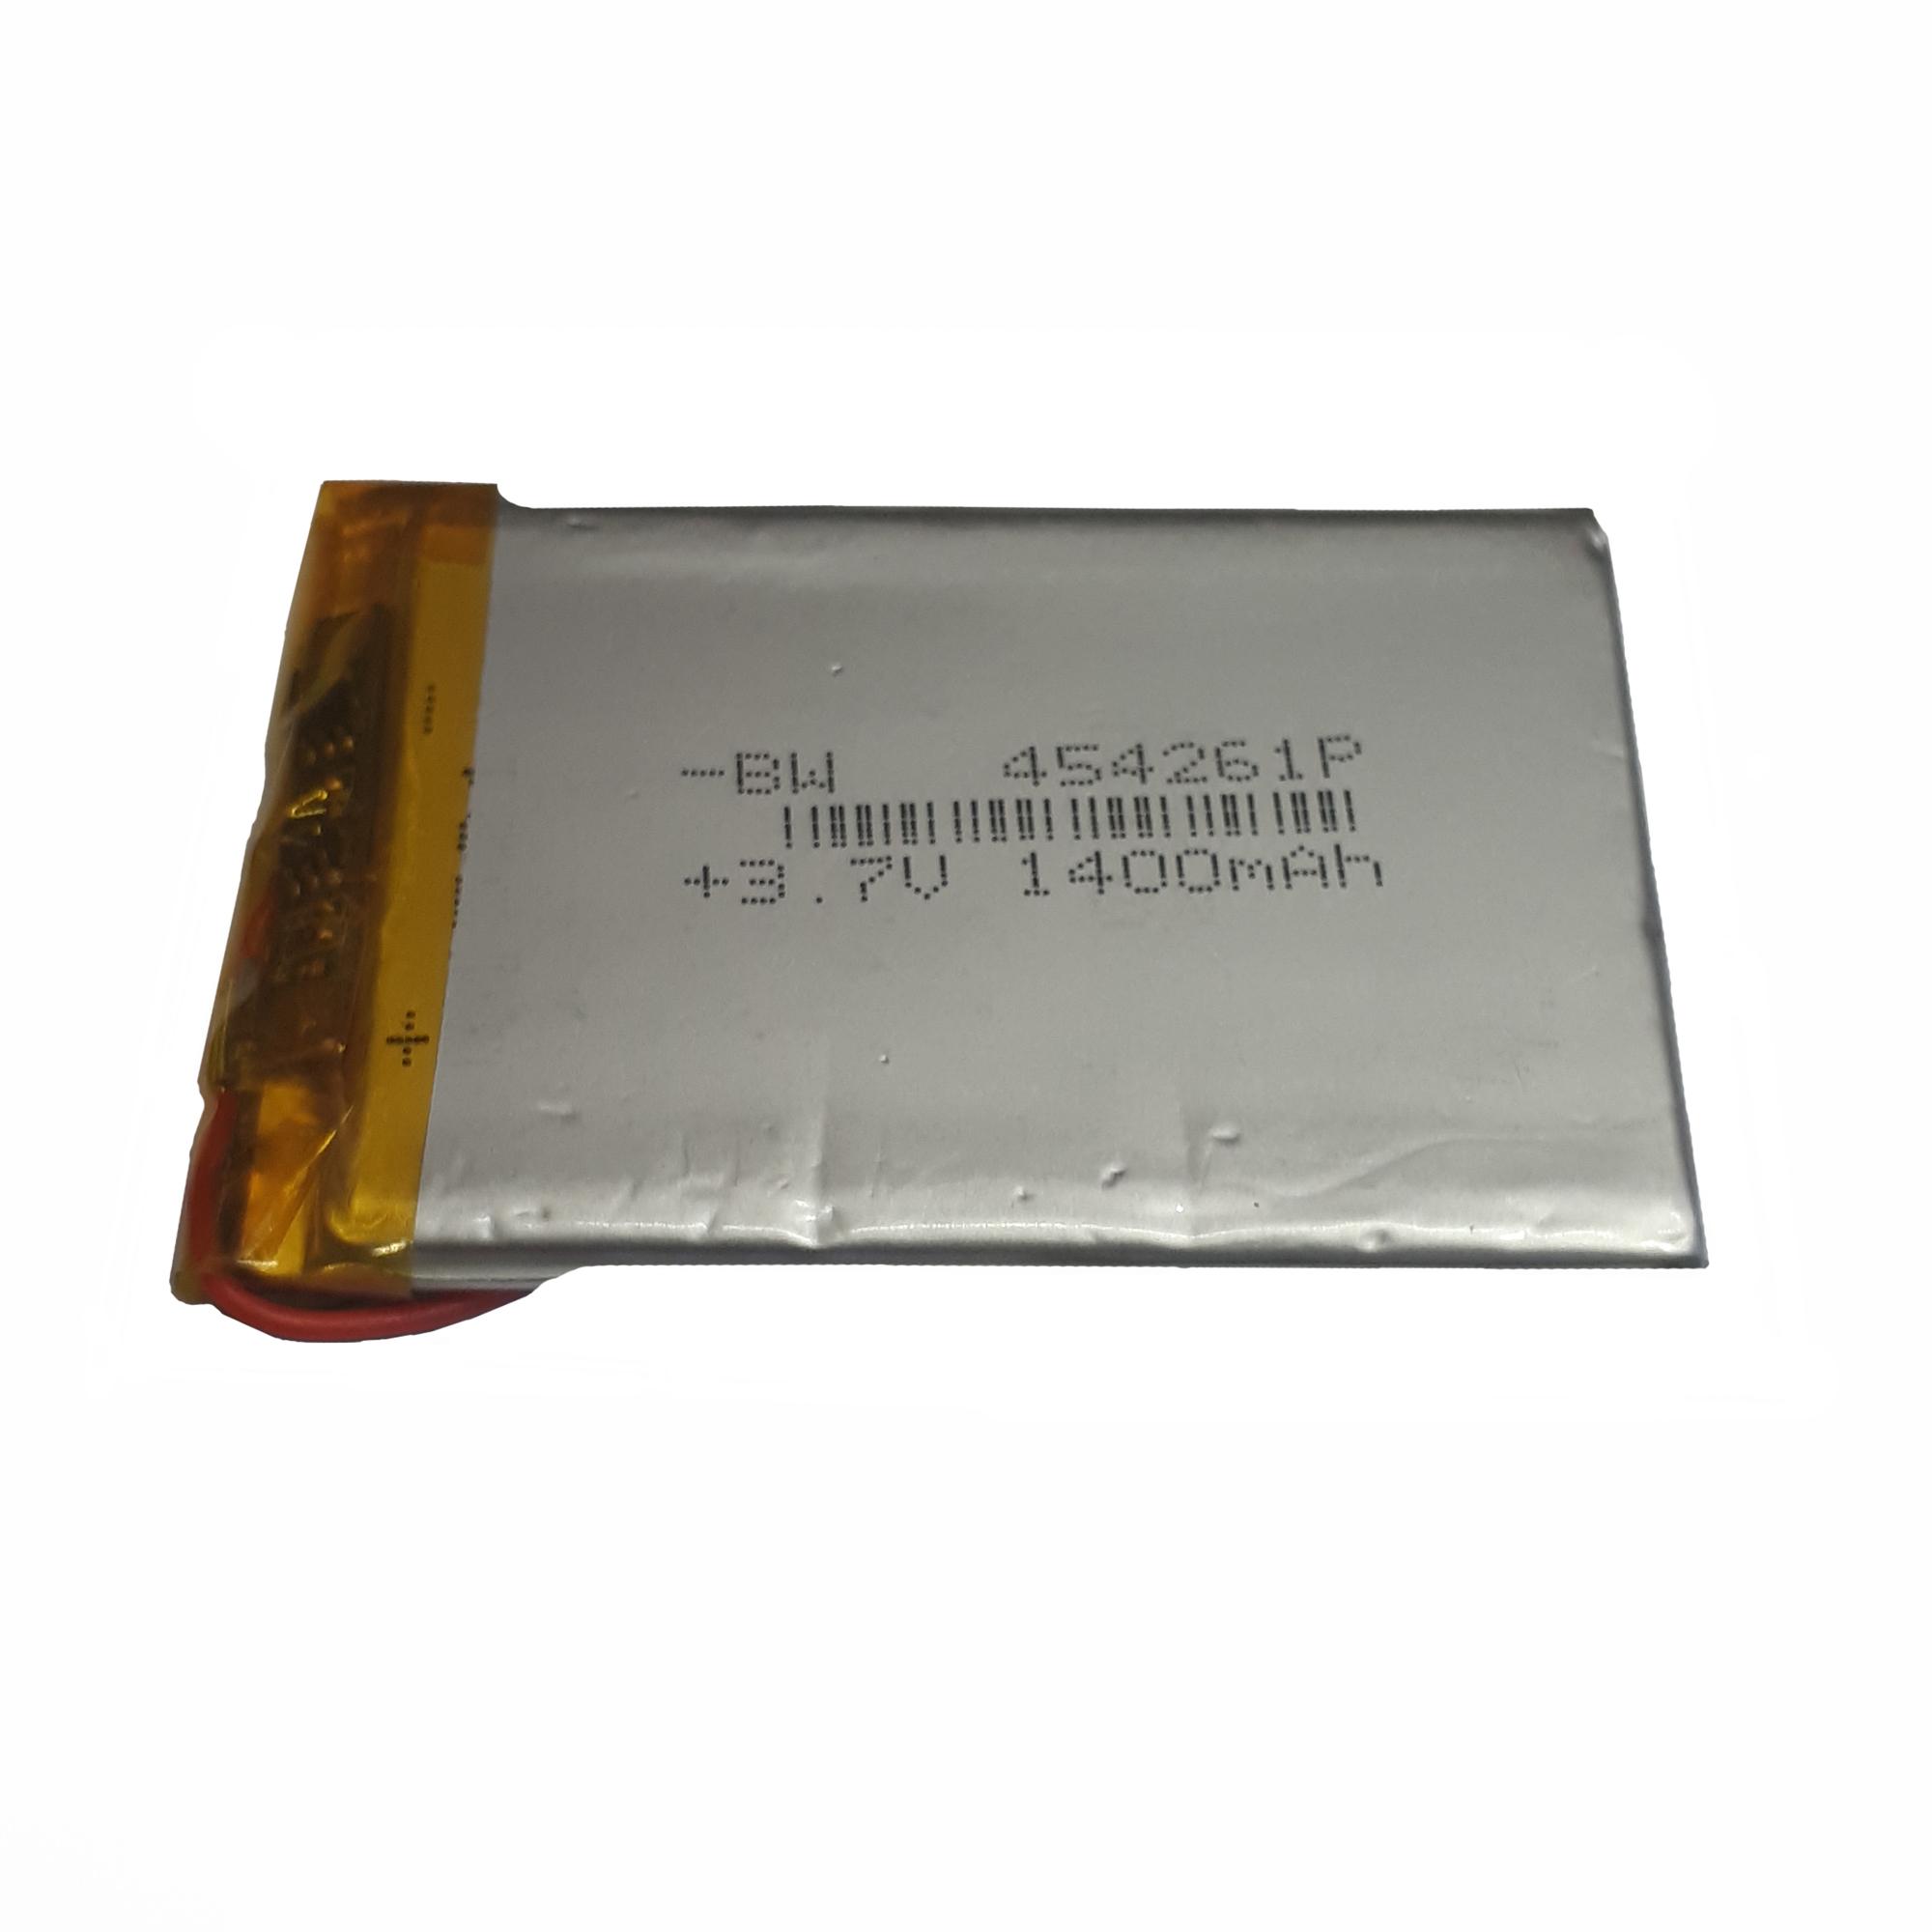 باتری لیتیوم-یون کد 454261p ظرفیت 1400 میلی آمپر ساعت